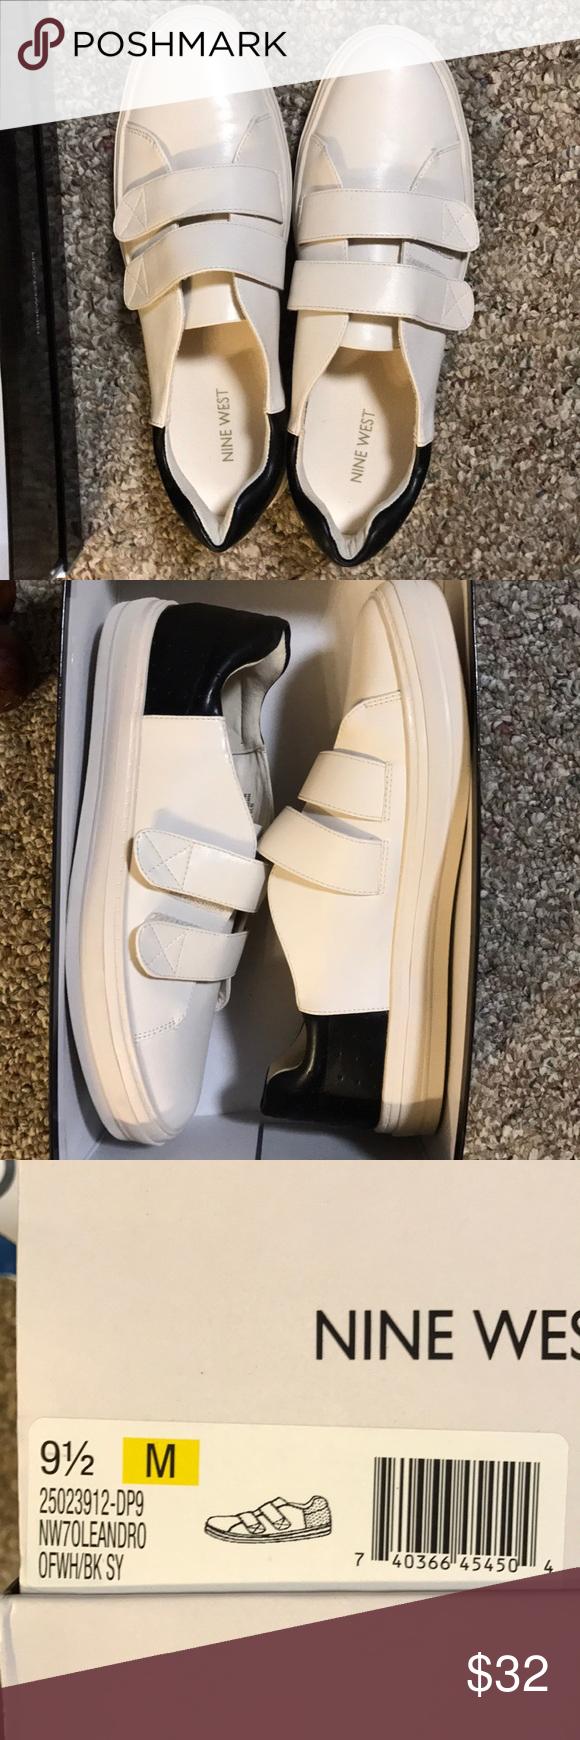 Nine West Sneakers New in Box Nine West Leather Sneakers Nine West Shoes Sneakers